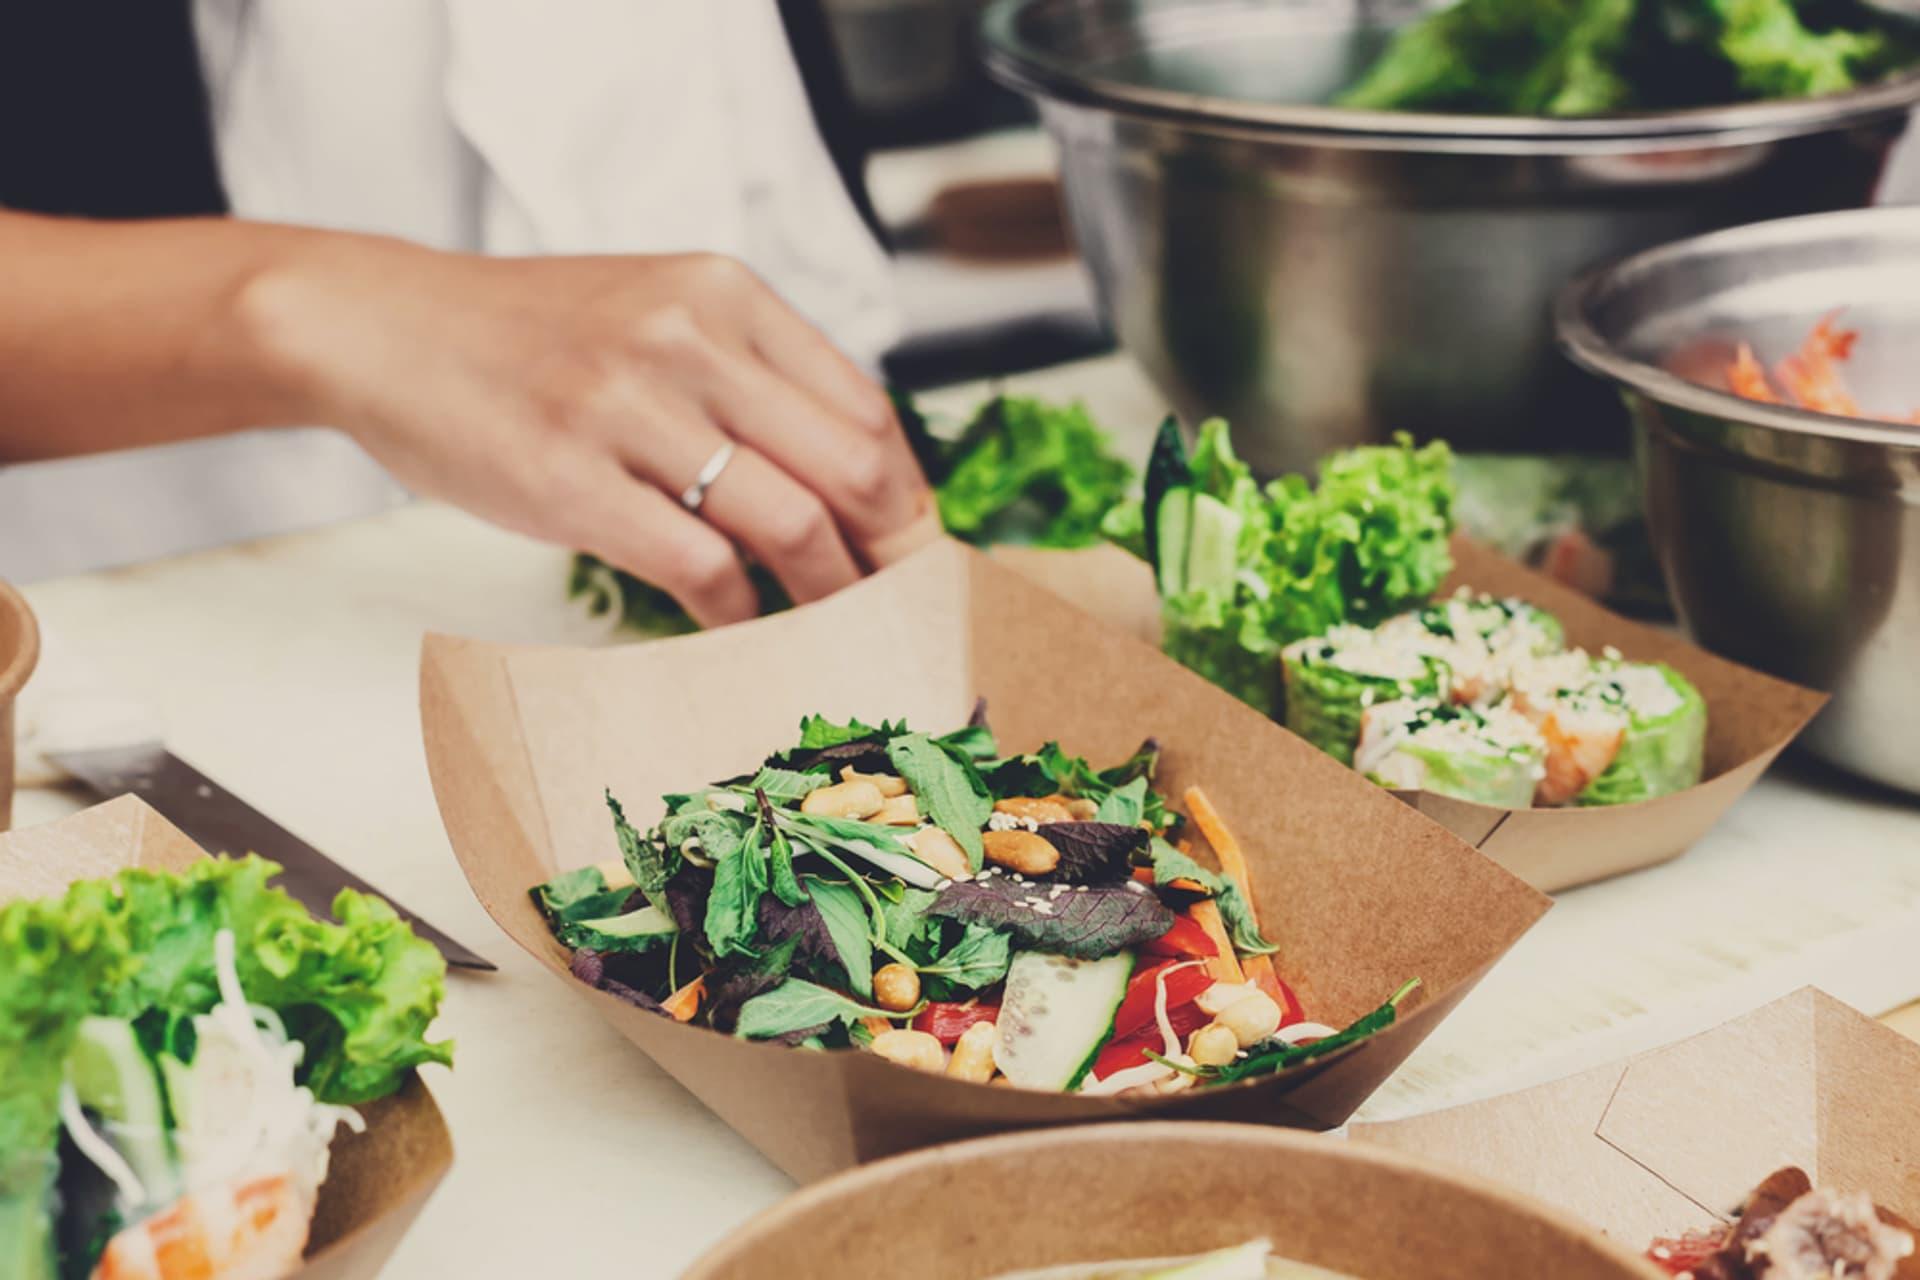 Einweg Geschirr Salat Bistro c Prostock studio shutterstock 651476758